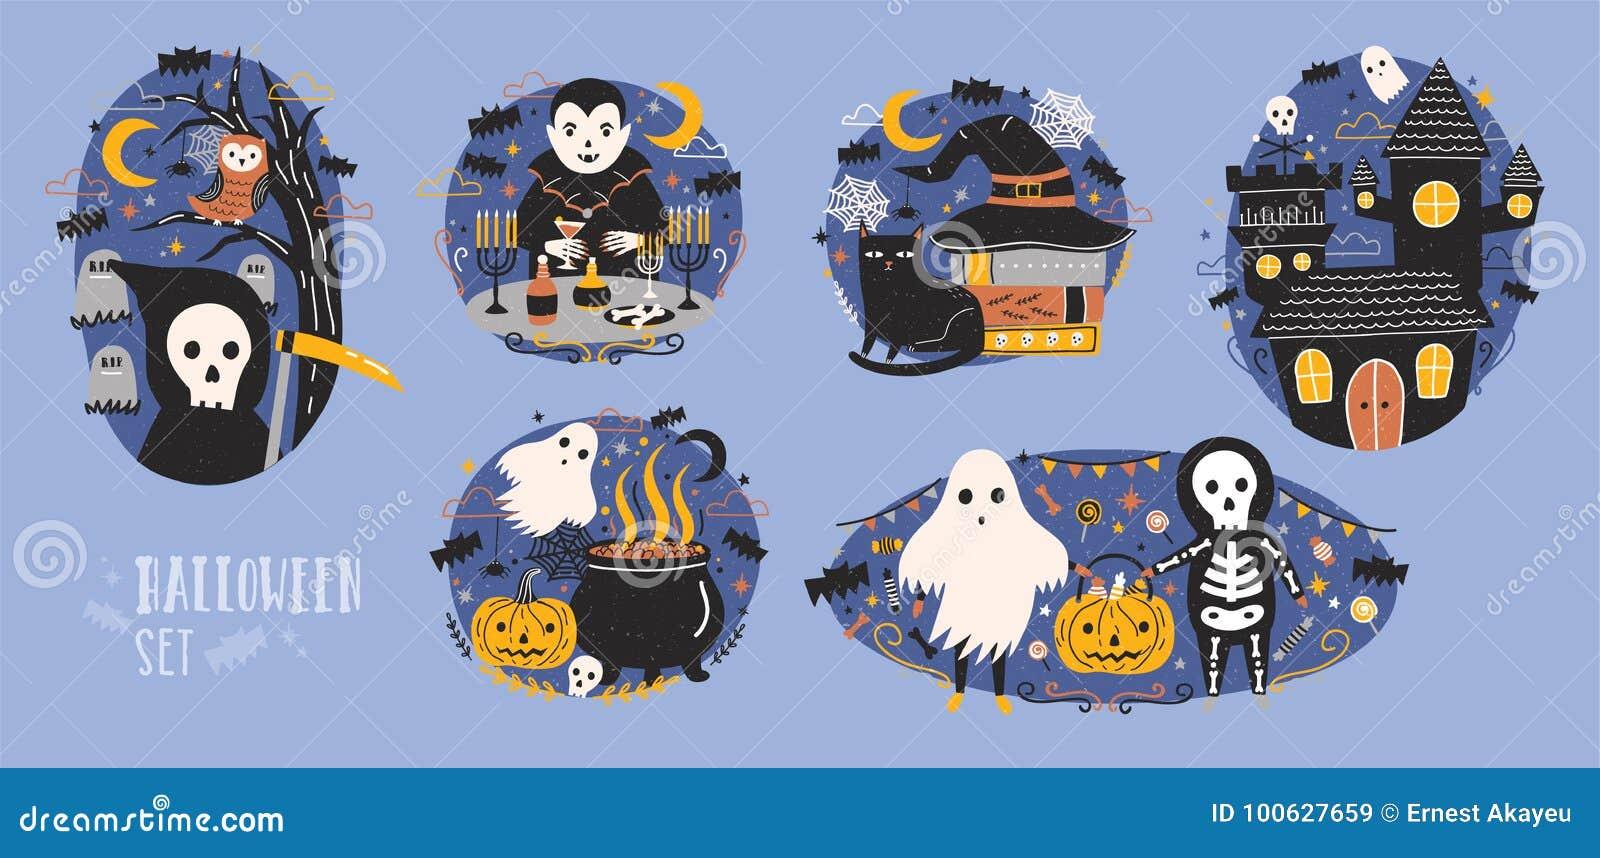 Raccolta delle scene di halloween con i personaggi dei cartoni